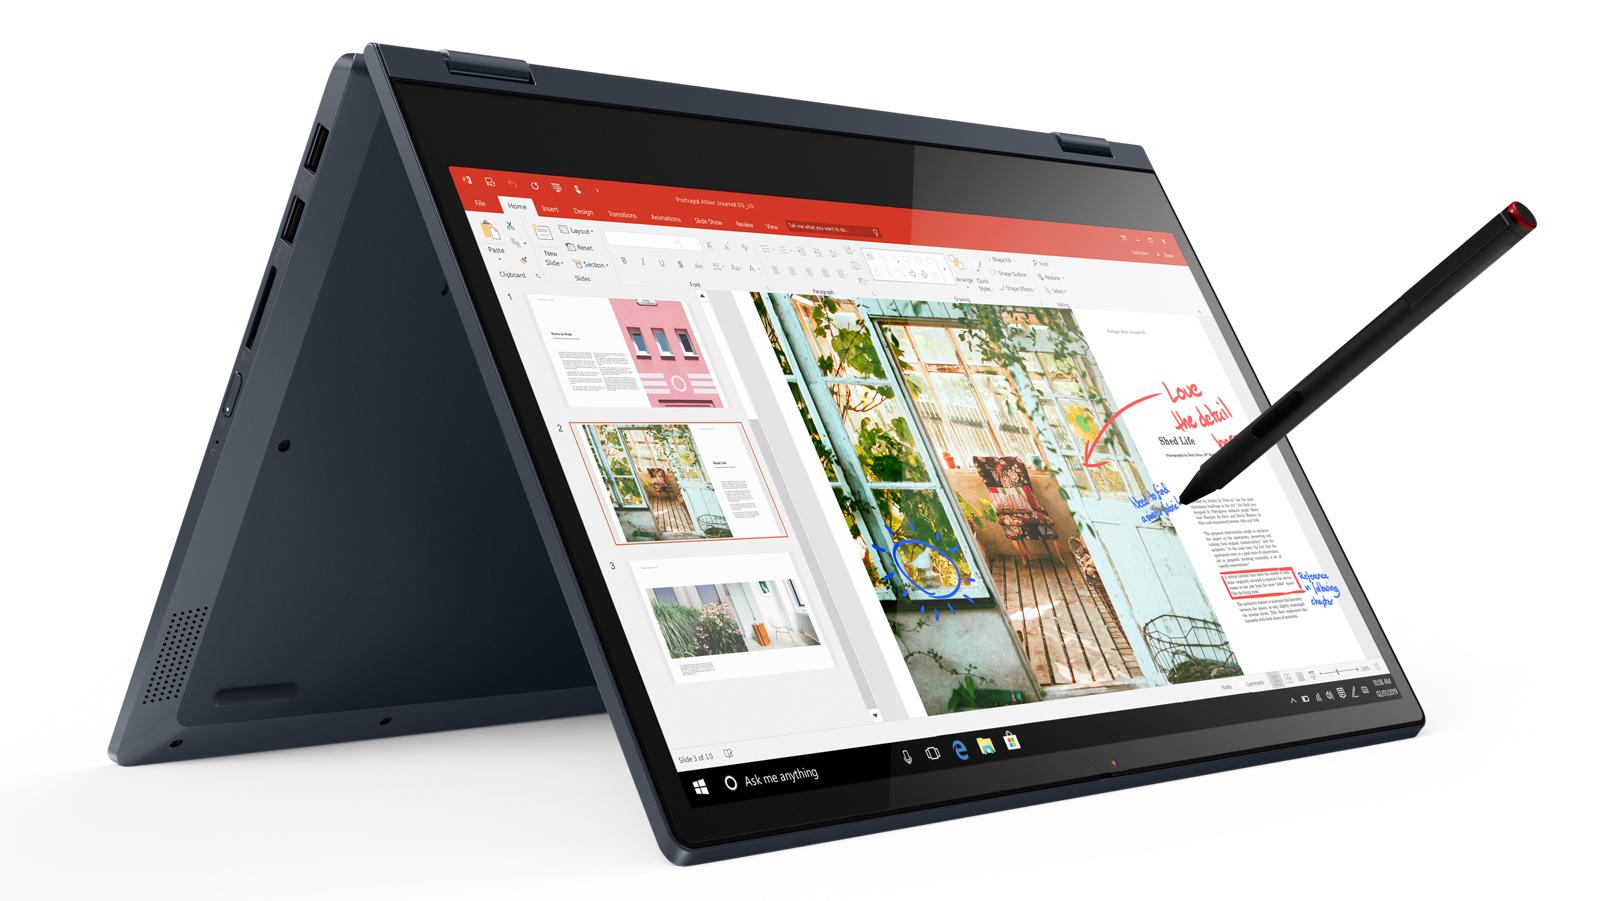 Lenovo's affordable laptops give choice m8rXfJ89o9kJ5NY7QNJ8